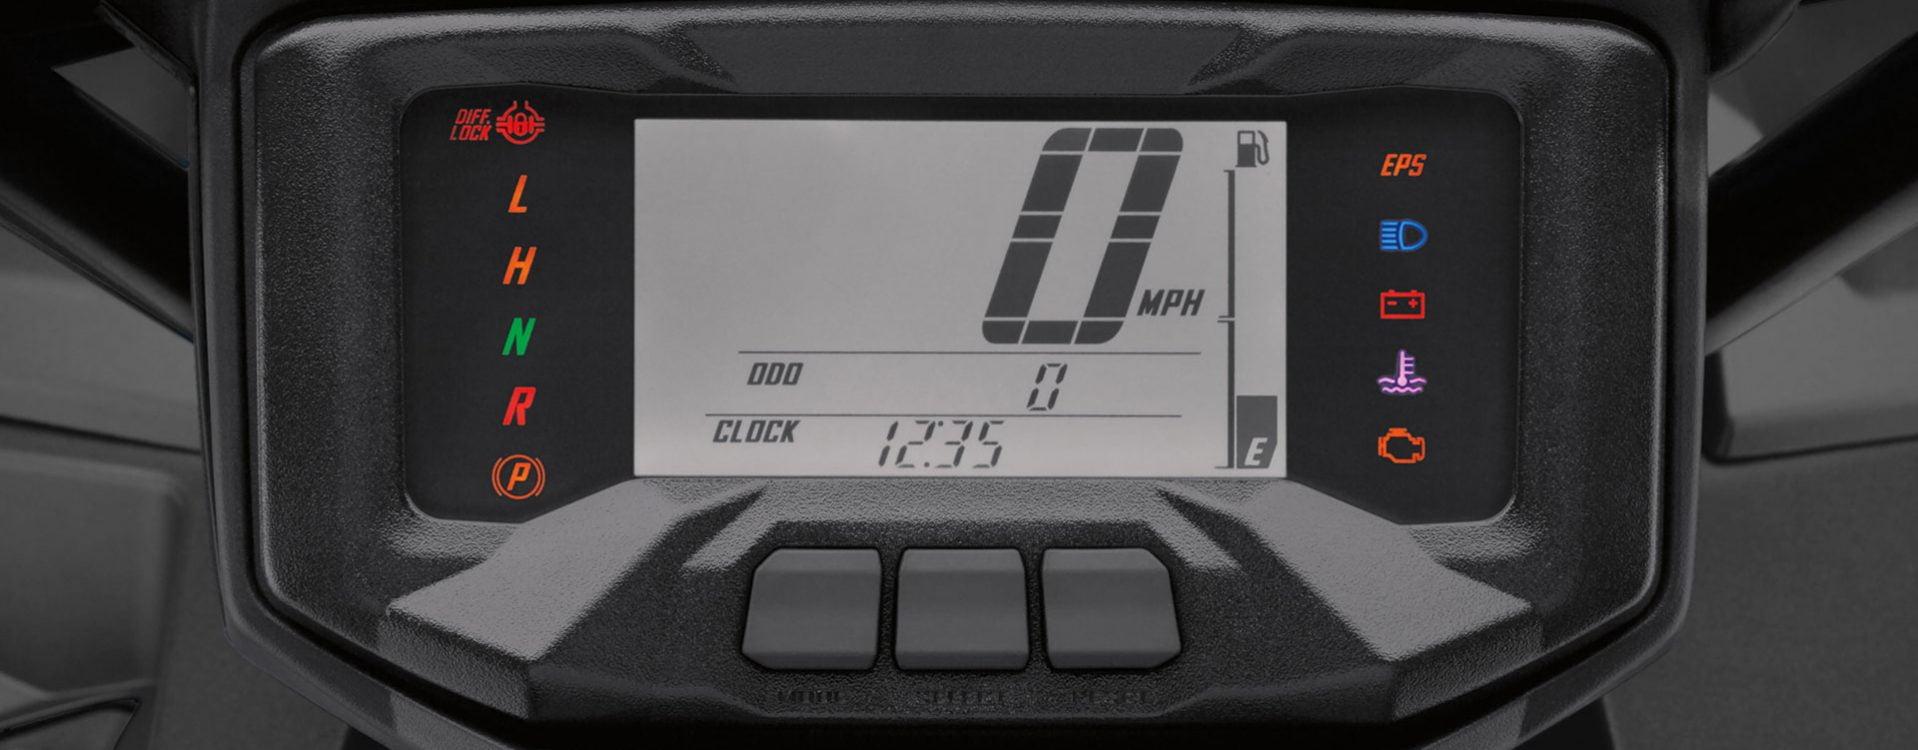 Speedmc bildeslider nummer 7